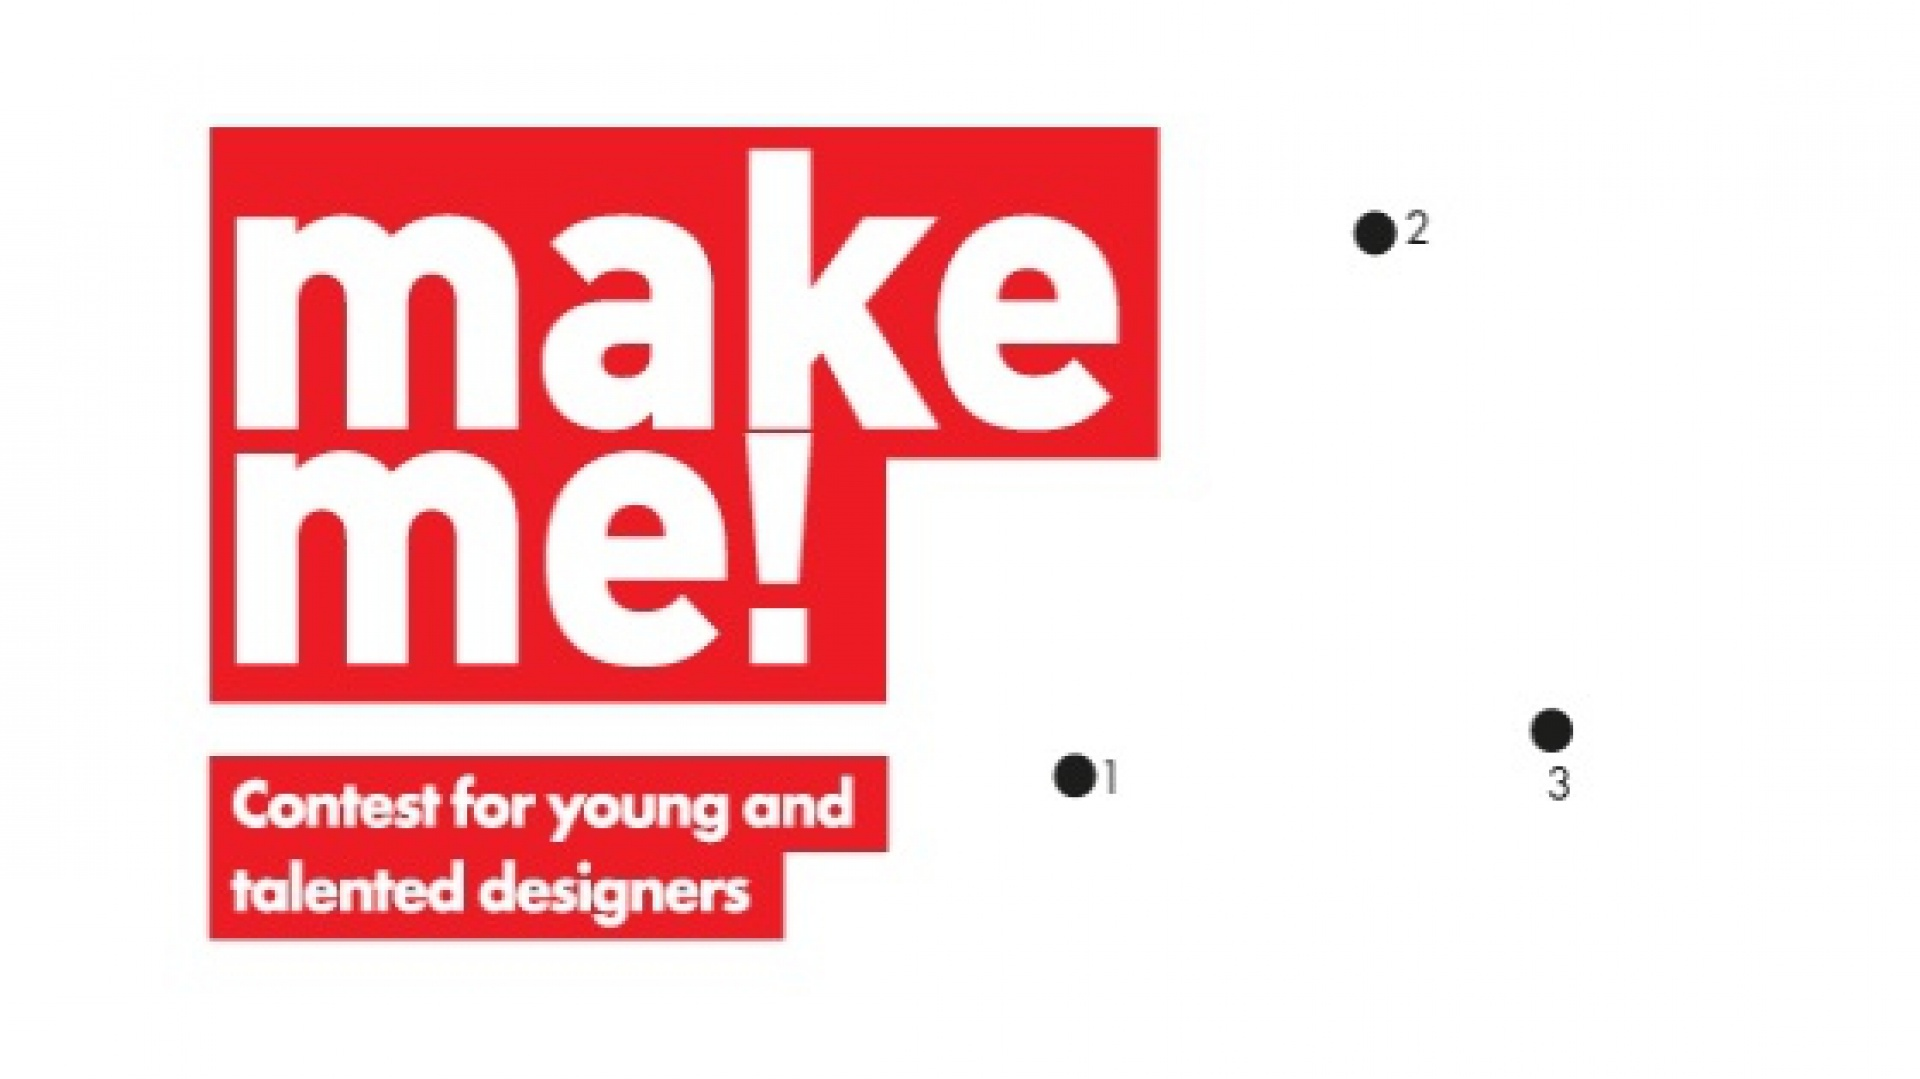 Celem konkursu jest odkrycie talentów ze świeżym spojrzeniem na design. Fot. Plakat prasowy